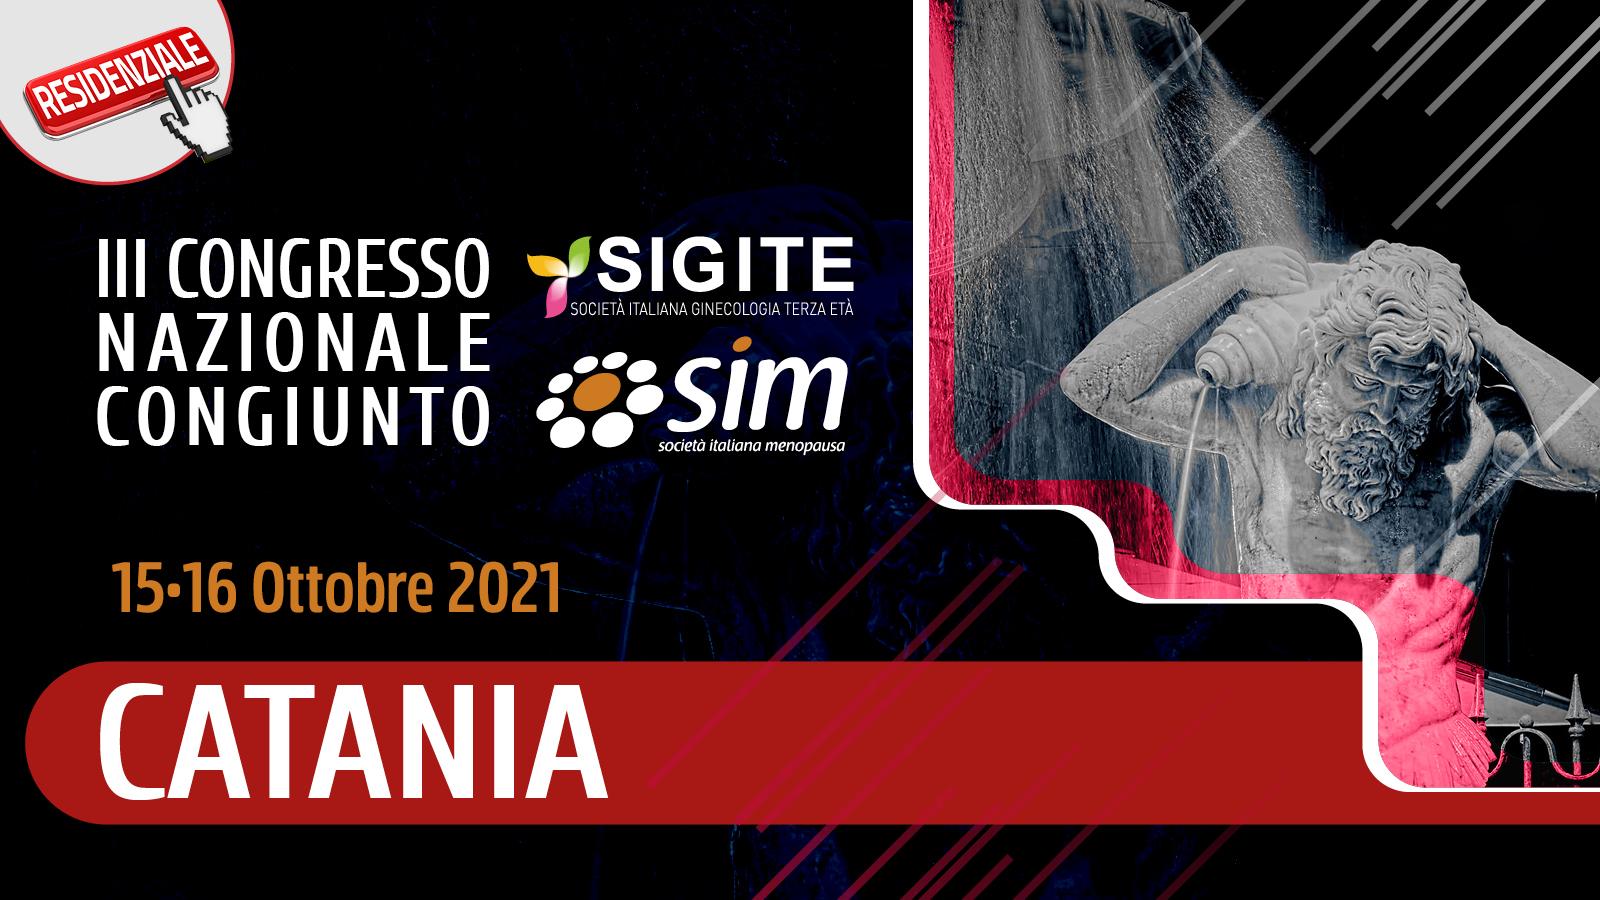 III Congresso Nazionale Congiunto SIM SIGITE